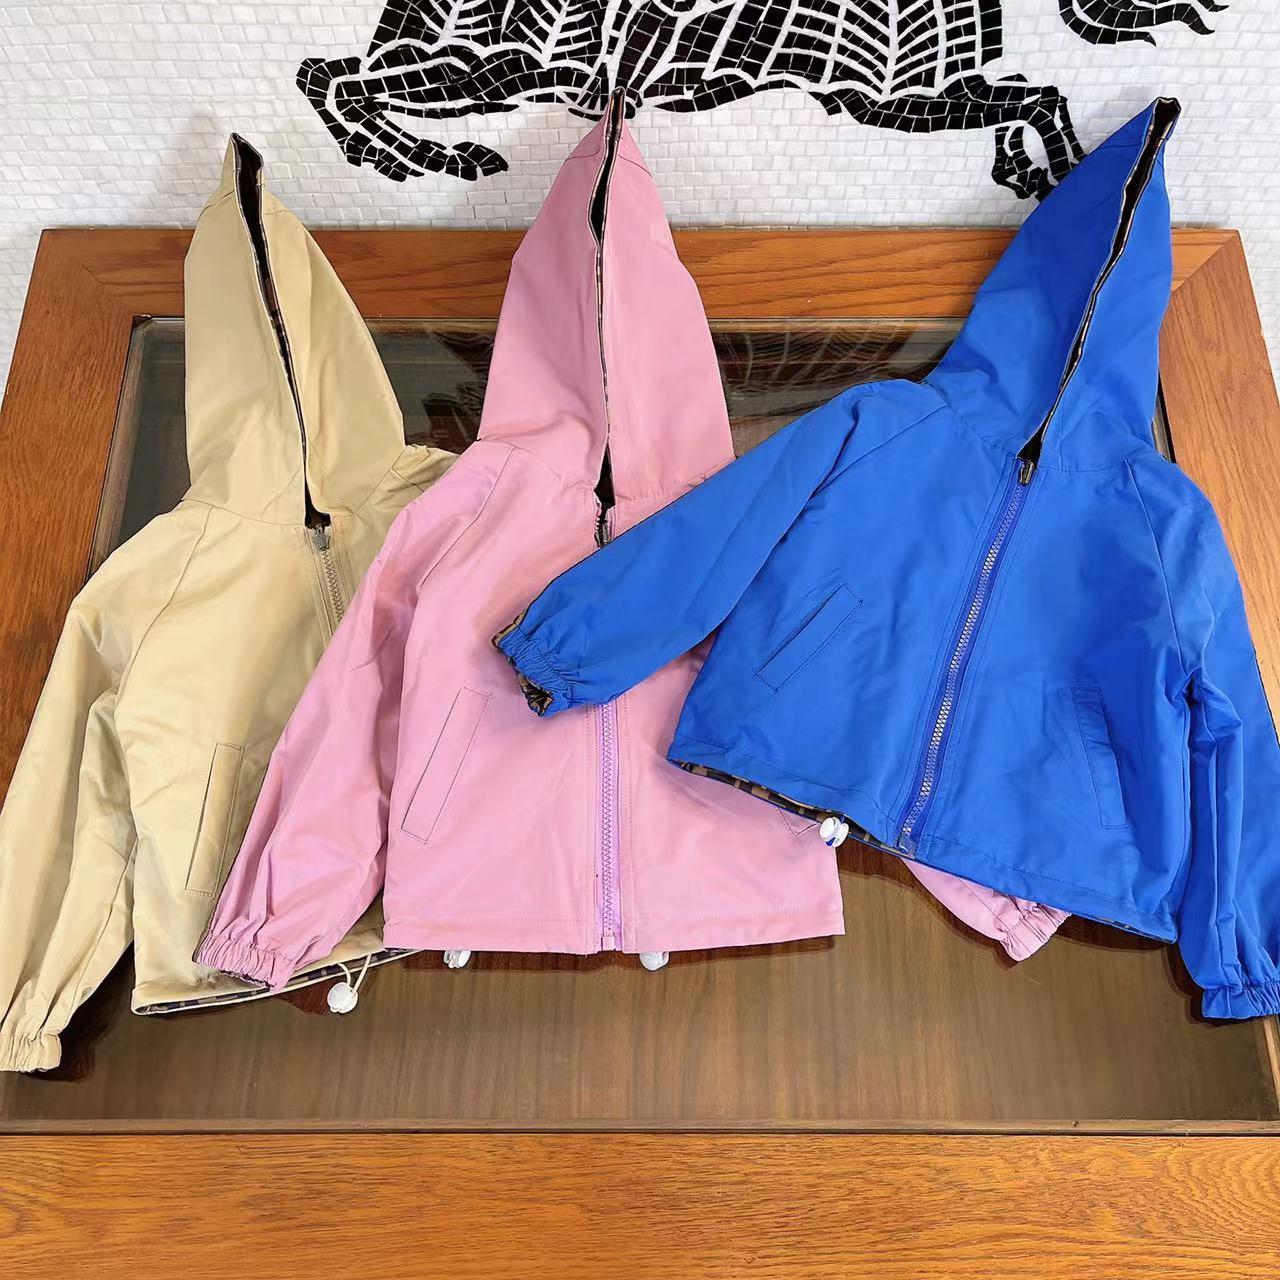 العلامة التجارية تصميم ملابس الأطفال الأطفال الخريف والشتاء الفتيان والفتيات الطباعة الكاملة بلون سترة واقية على الوجهين